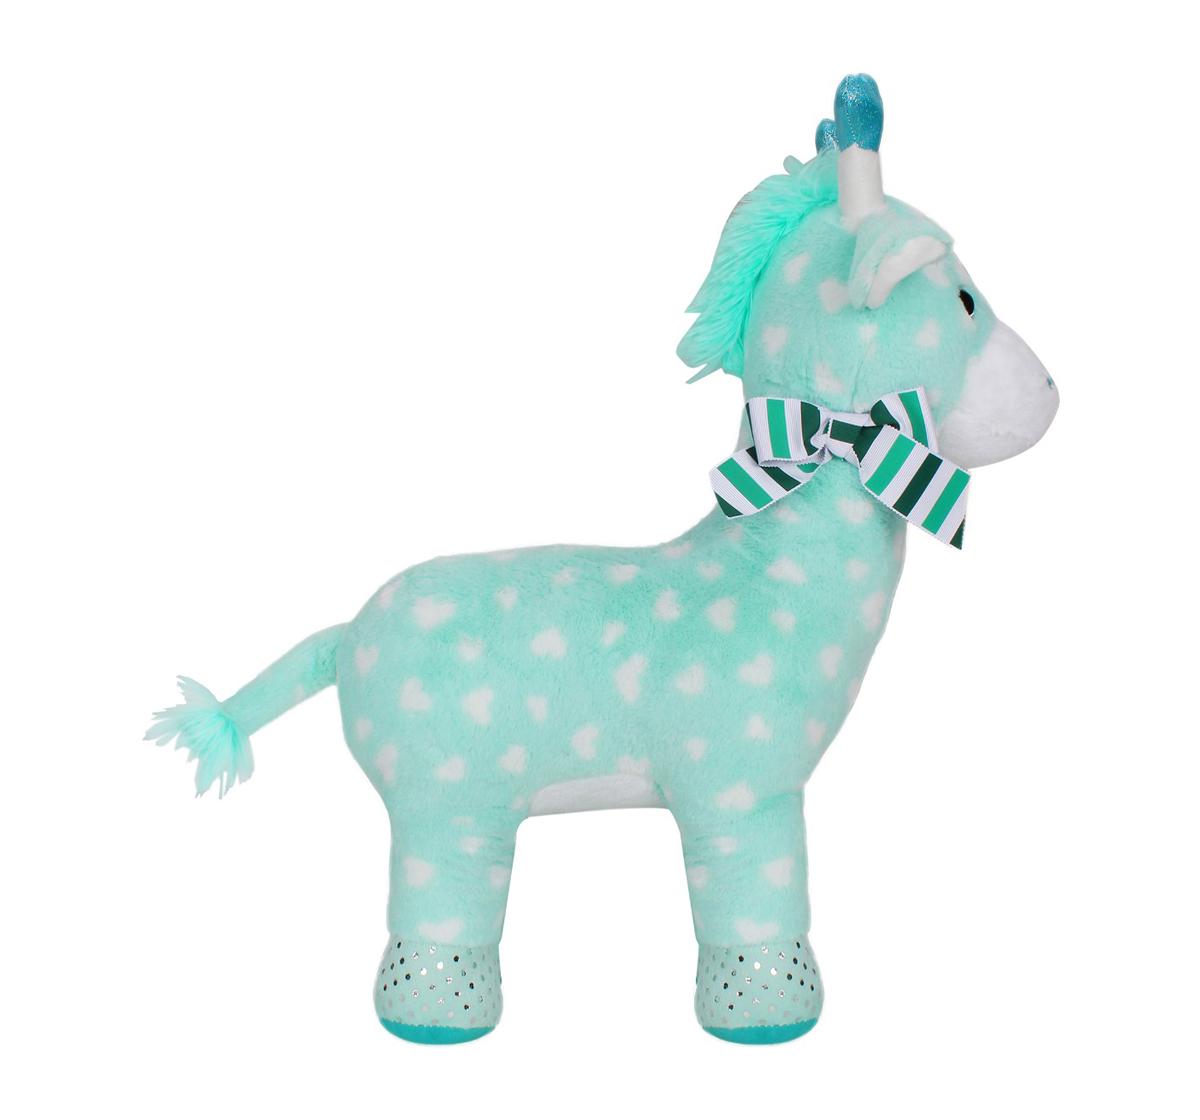 Fuzzbuzz | Fuzzbuzz Giraffe Stuffed Animal - Blue - 48Cm Quirky Soft Toys for Kids age 0M+ - 18 Cm (Blue)